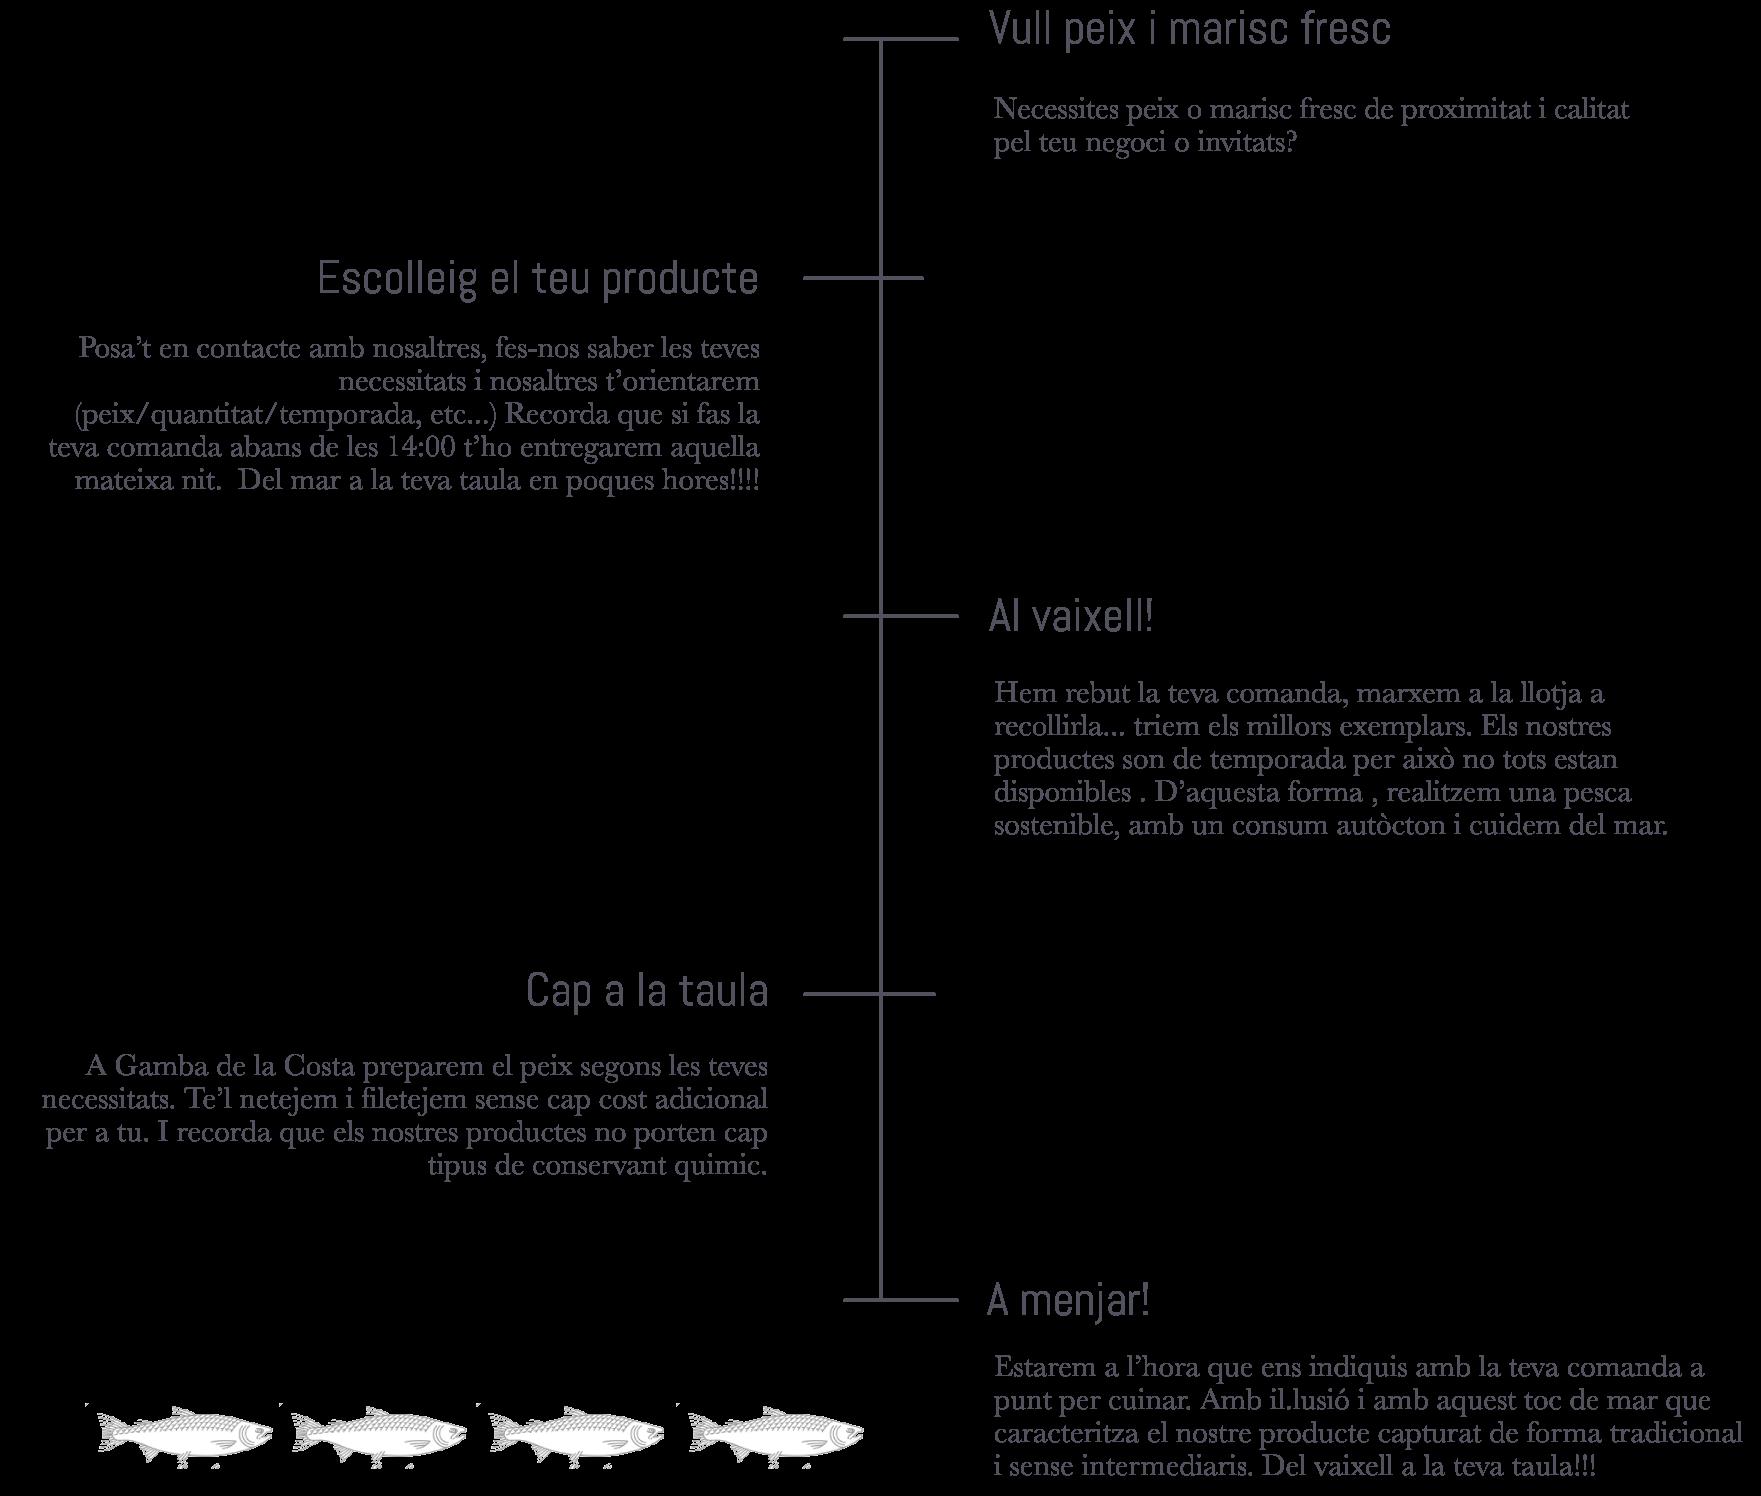 Infografia Com funciona Vull peix i marisc fresc